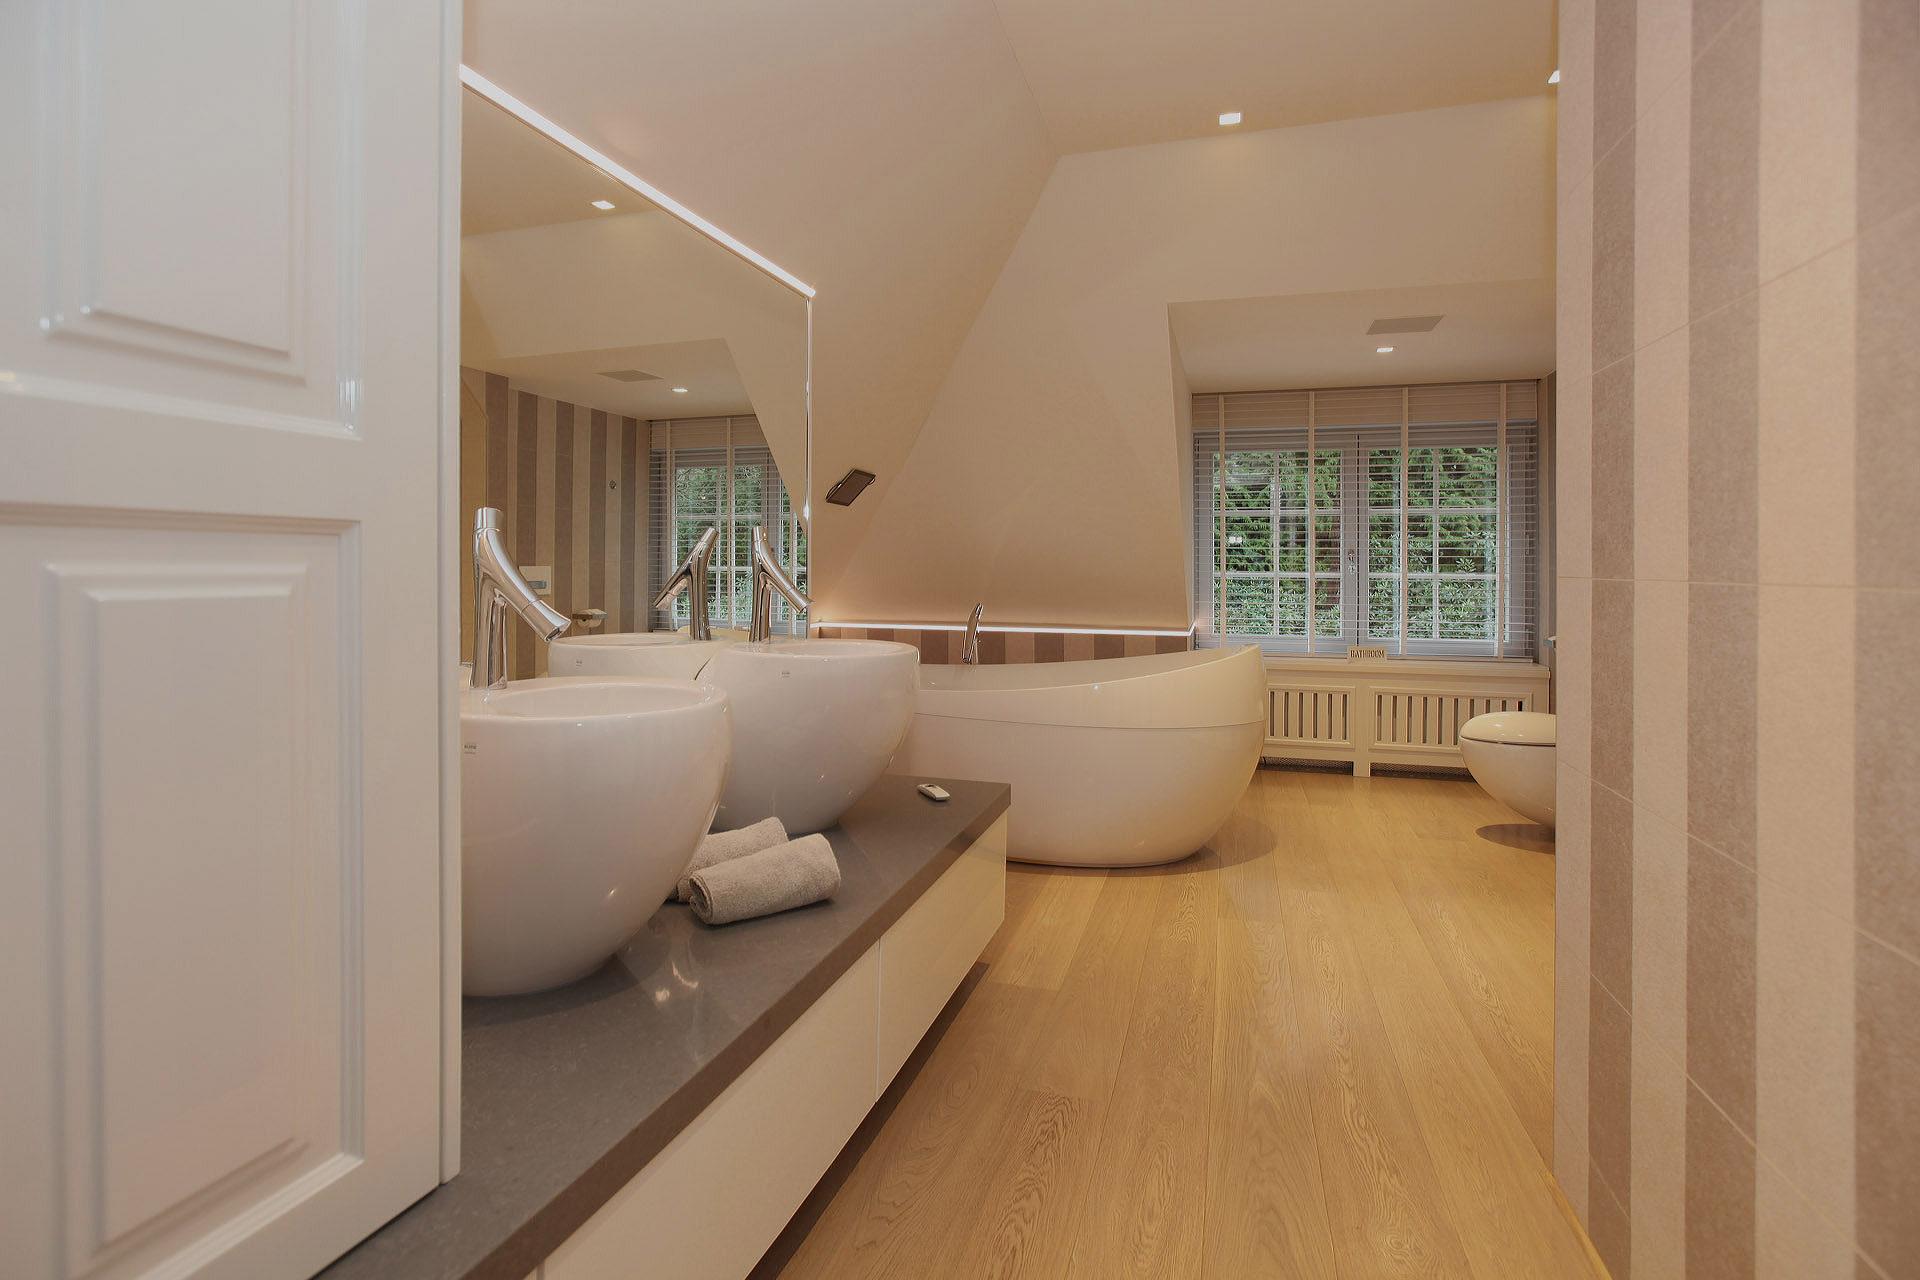 Badezimmer nach maß marcotte style